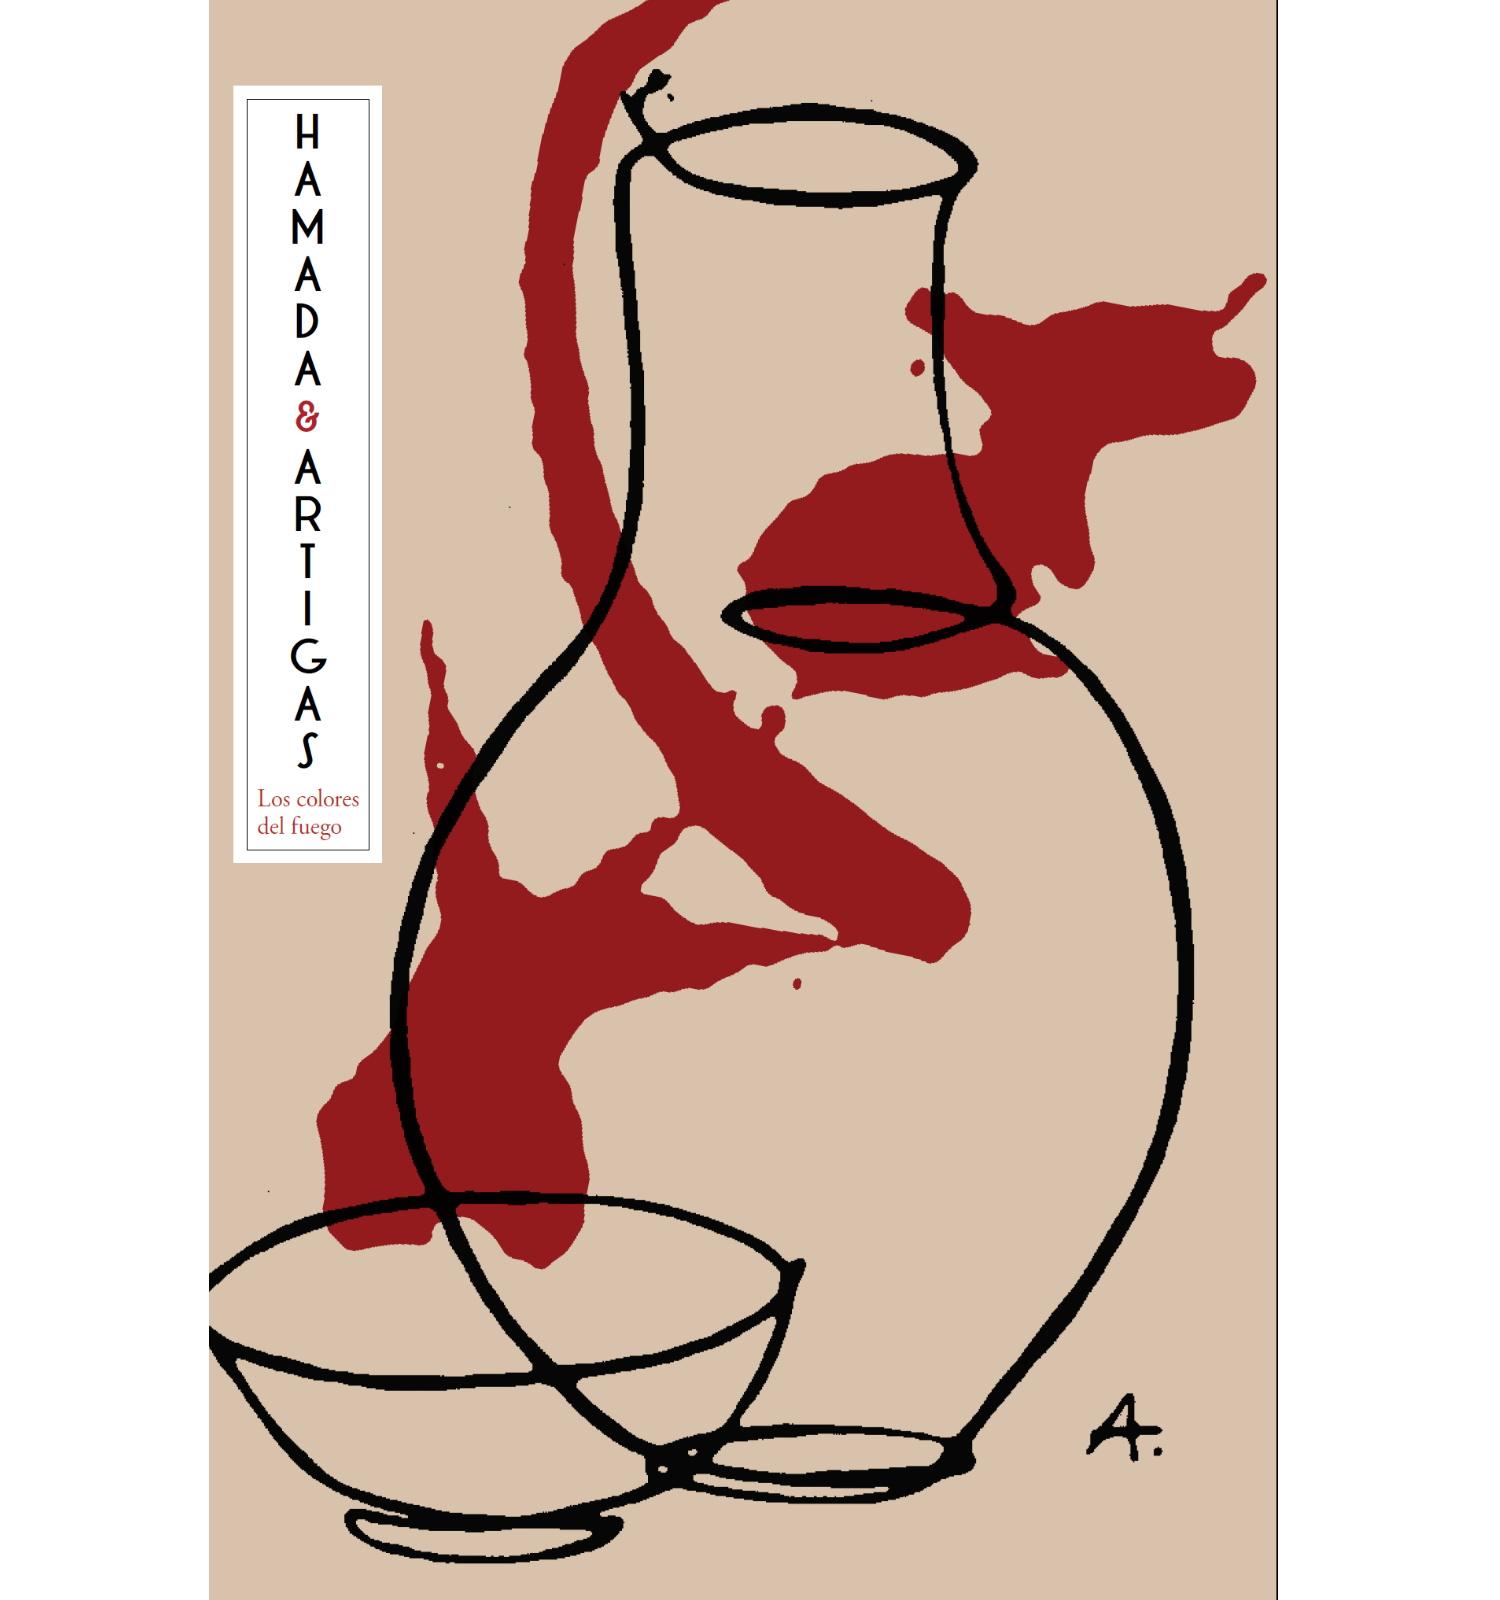 Los colores del fuego. Hamada - Artigas | catálogo